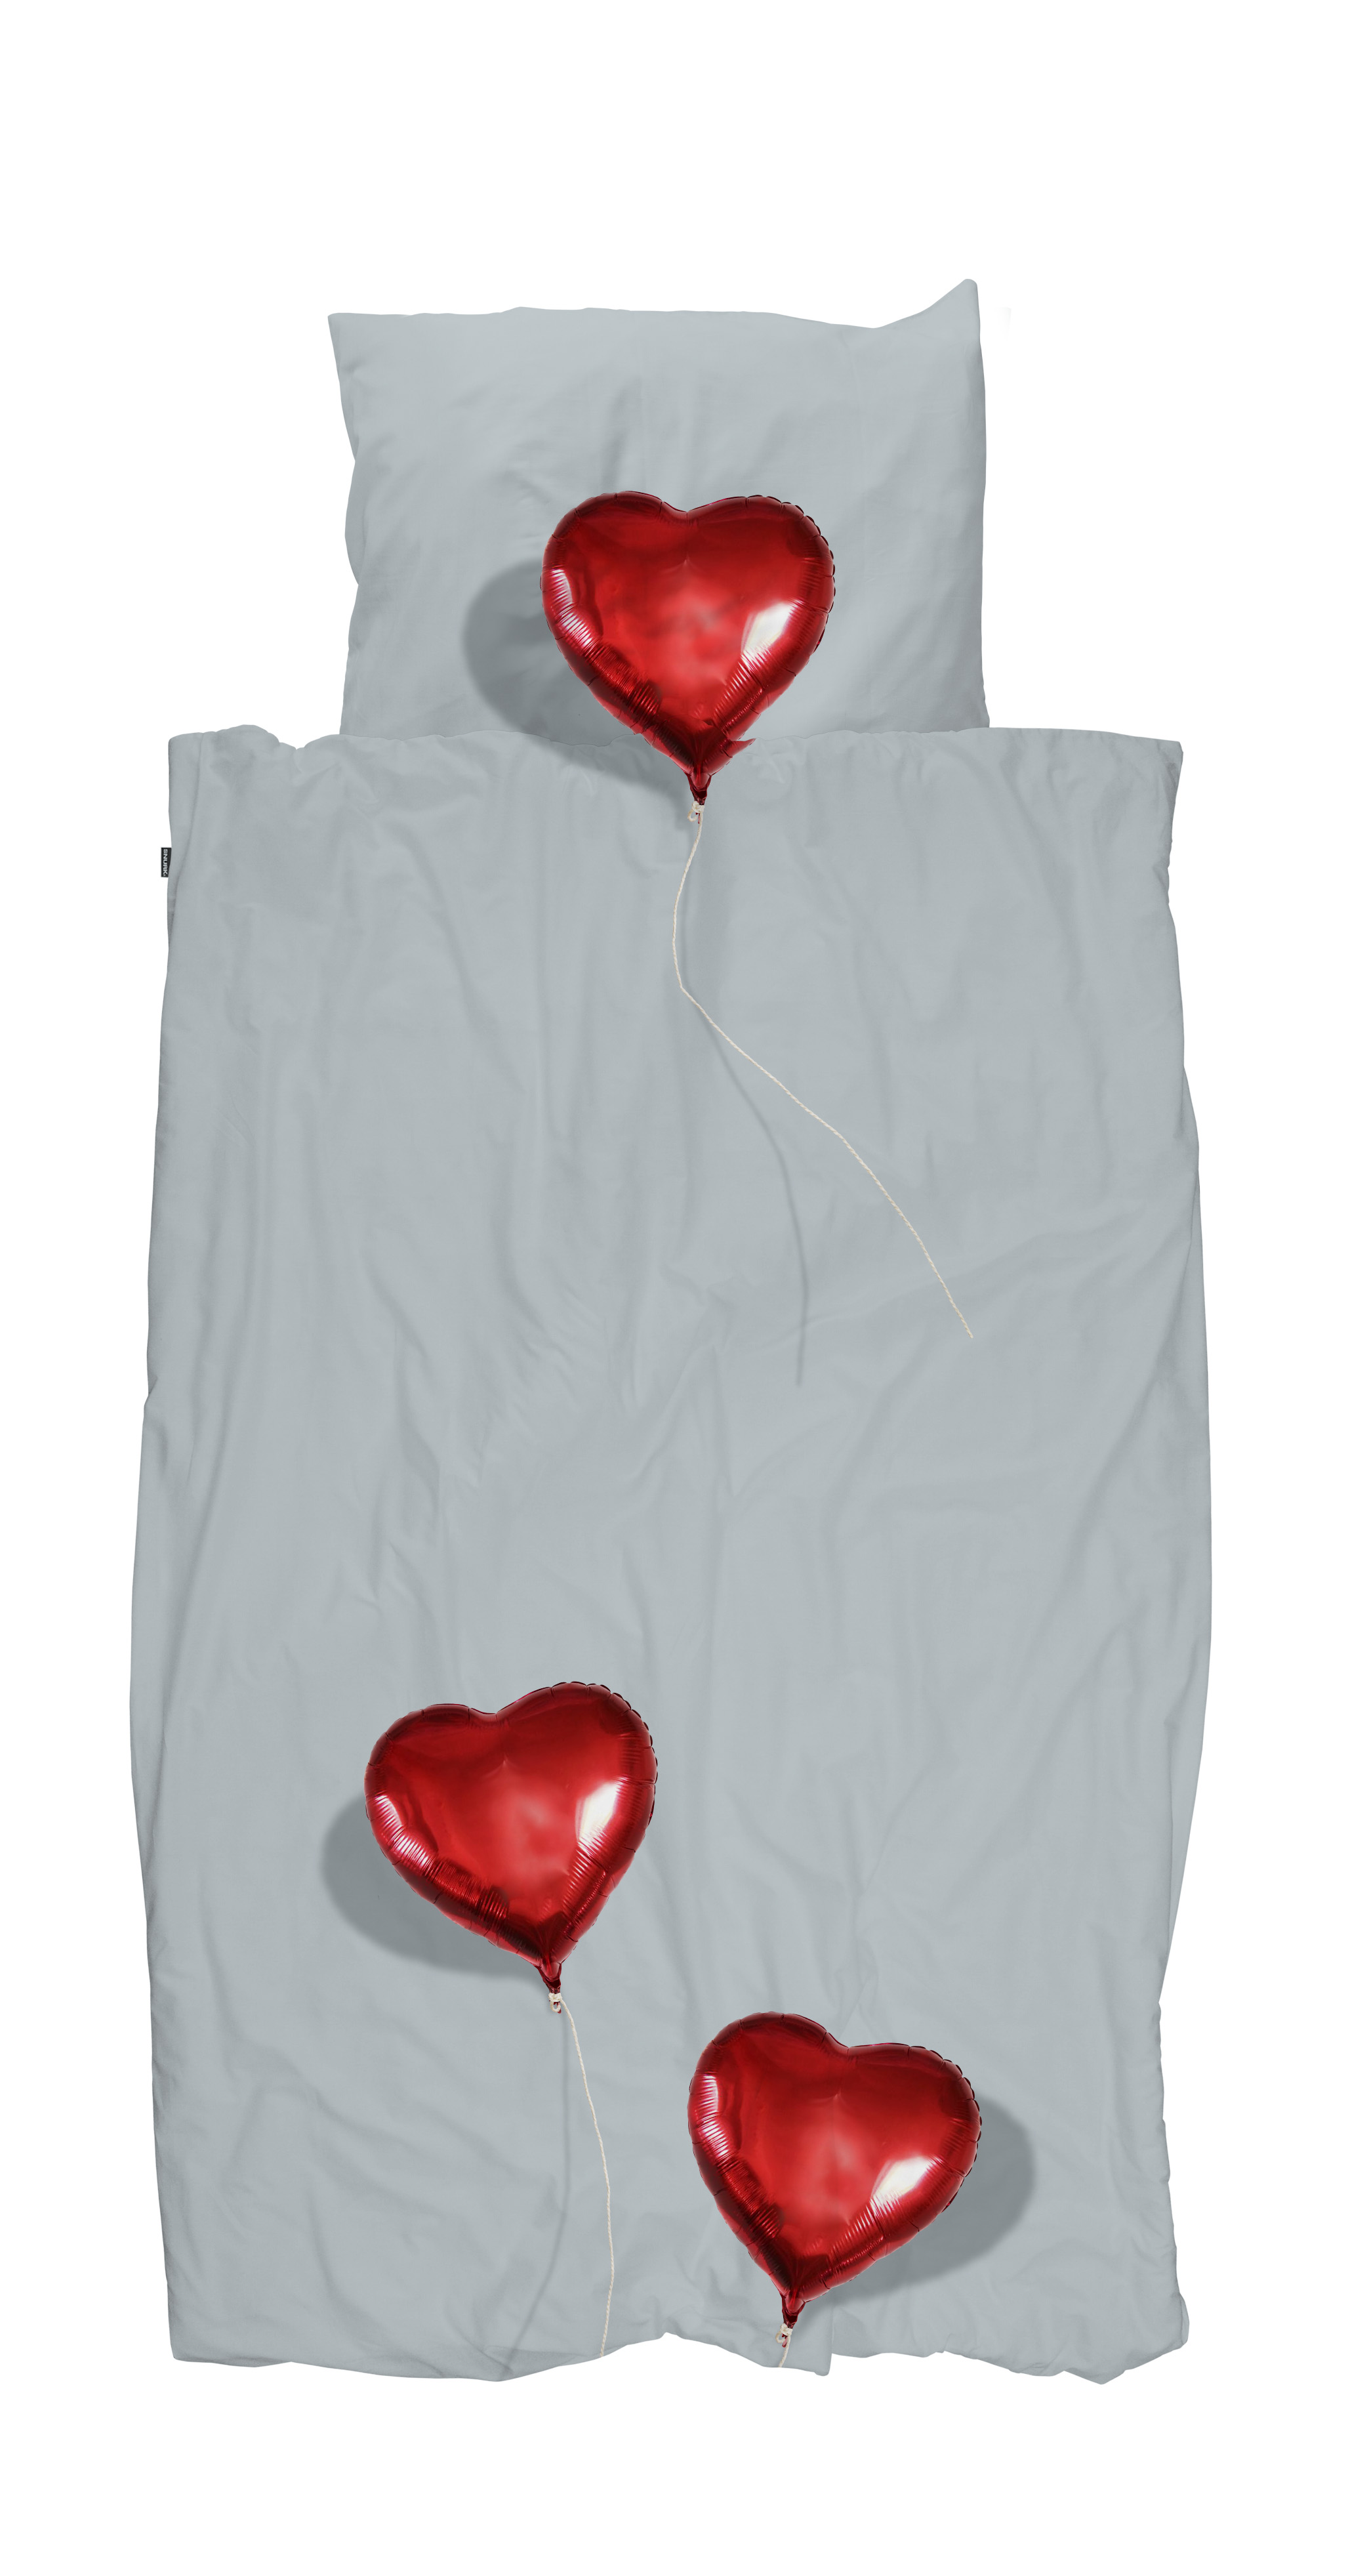 Купить Комплект постельного белья сердце в облаках 150х200, inmyroom, Нидерланды